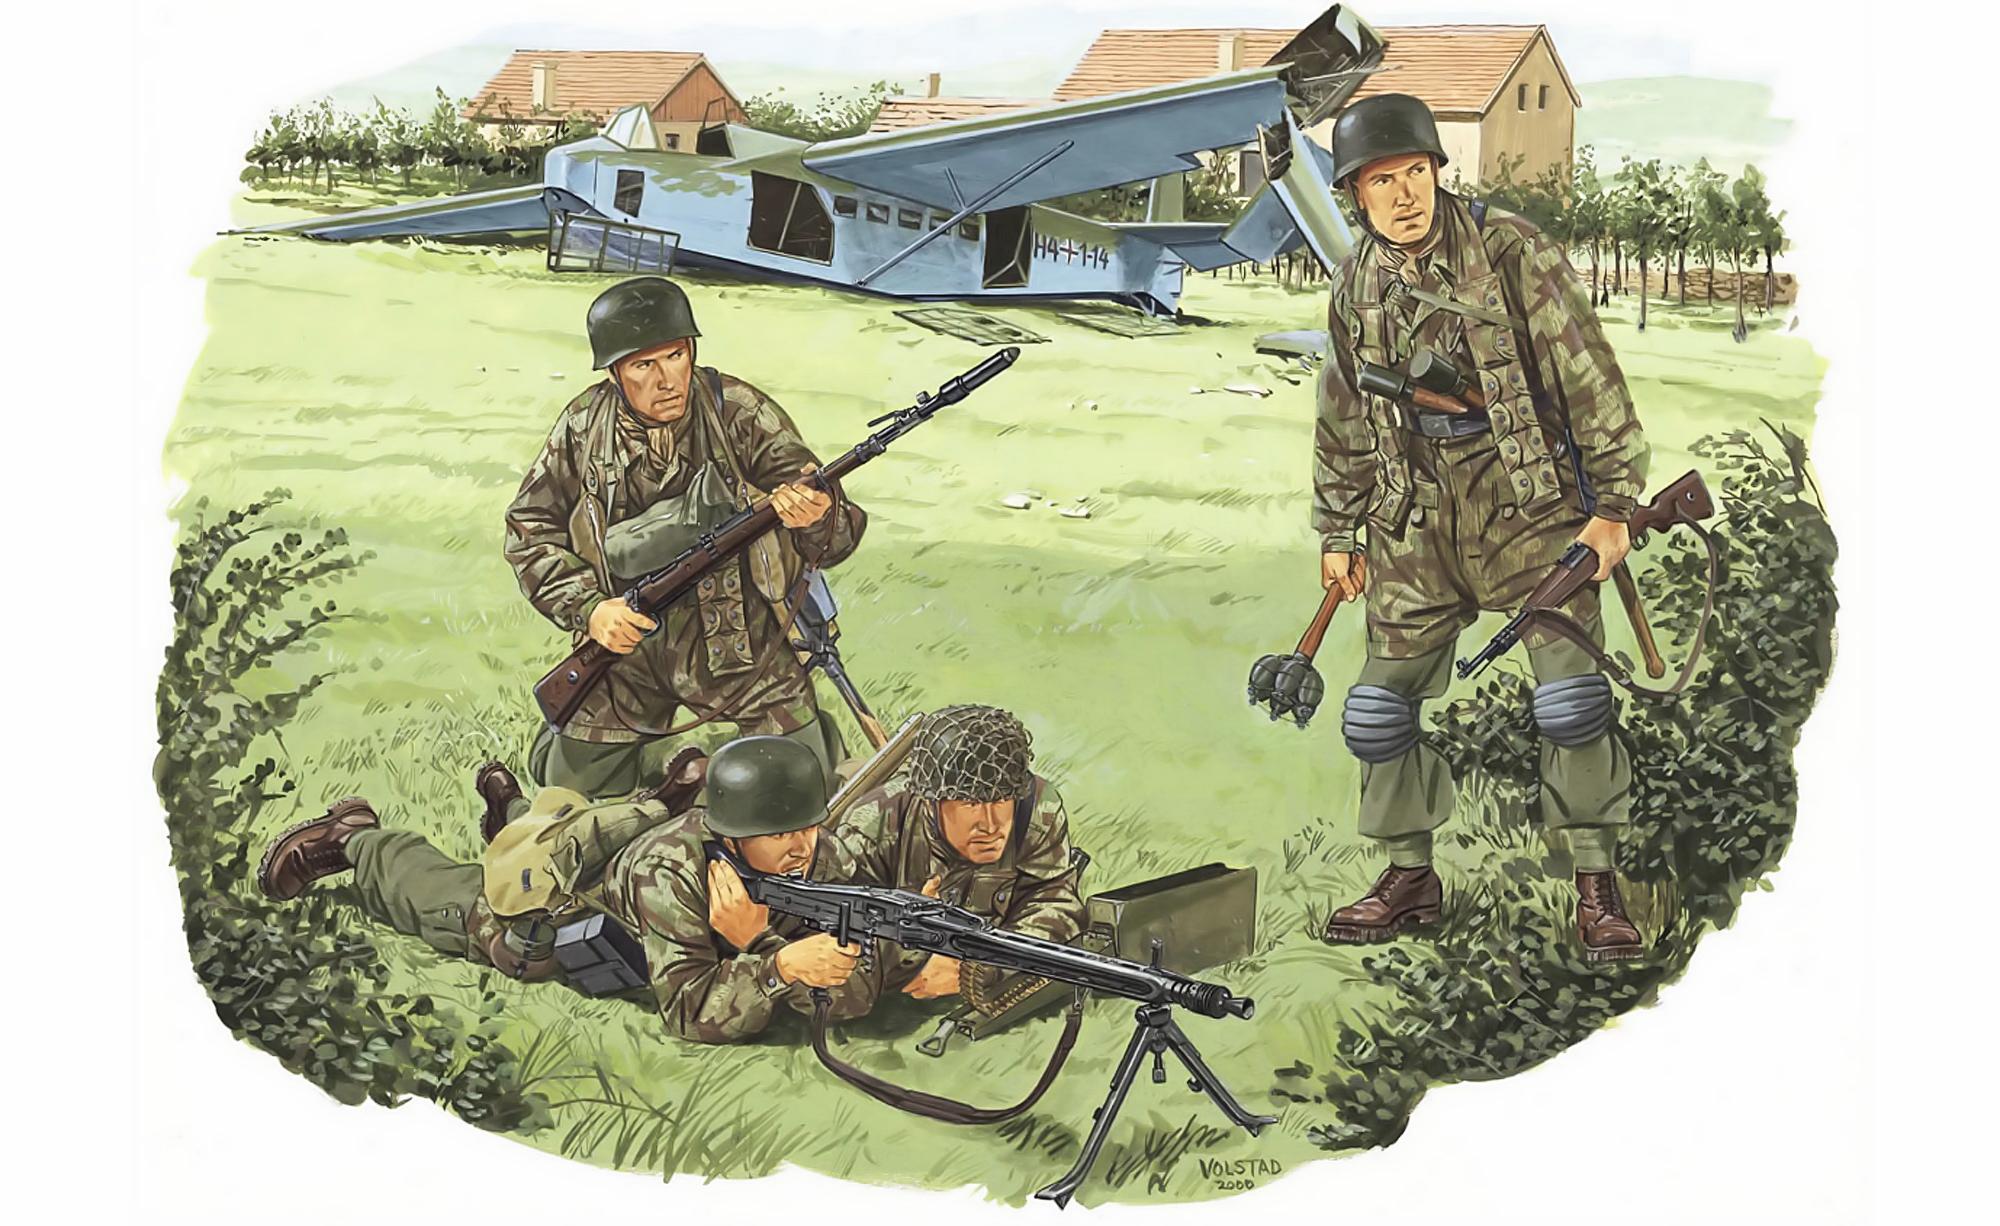 рисунок Fallschirmjager Batallion 500 (Drvar, 1944)